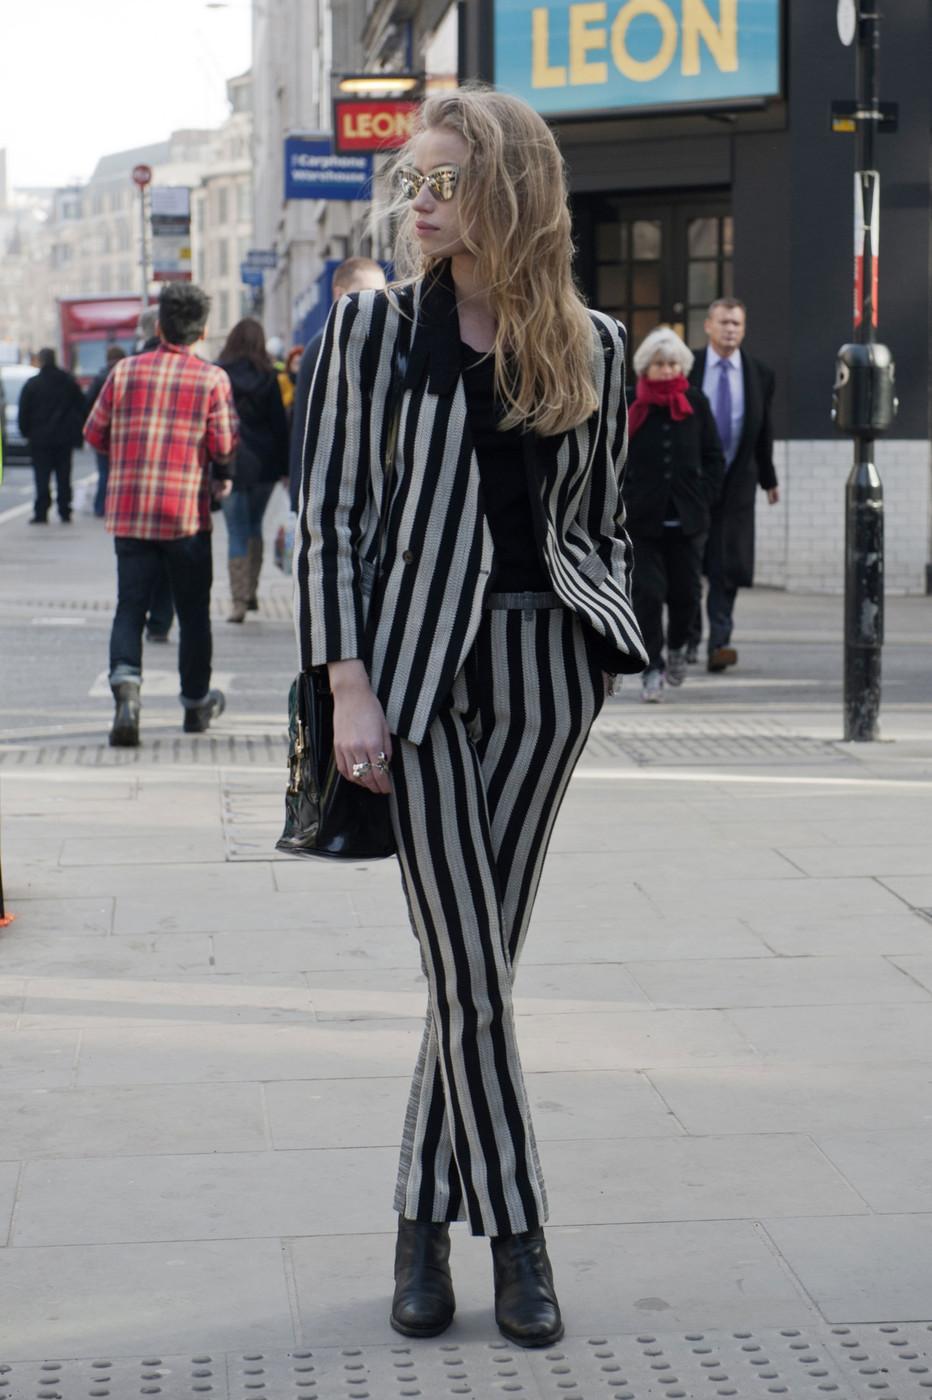 El street style de las modelos en las semanas de la moda F/W 2013-2014